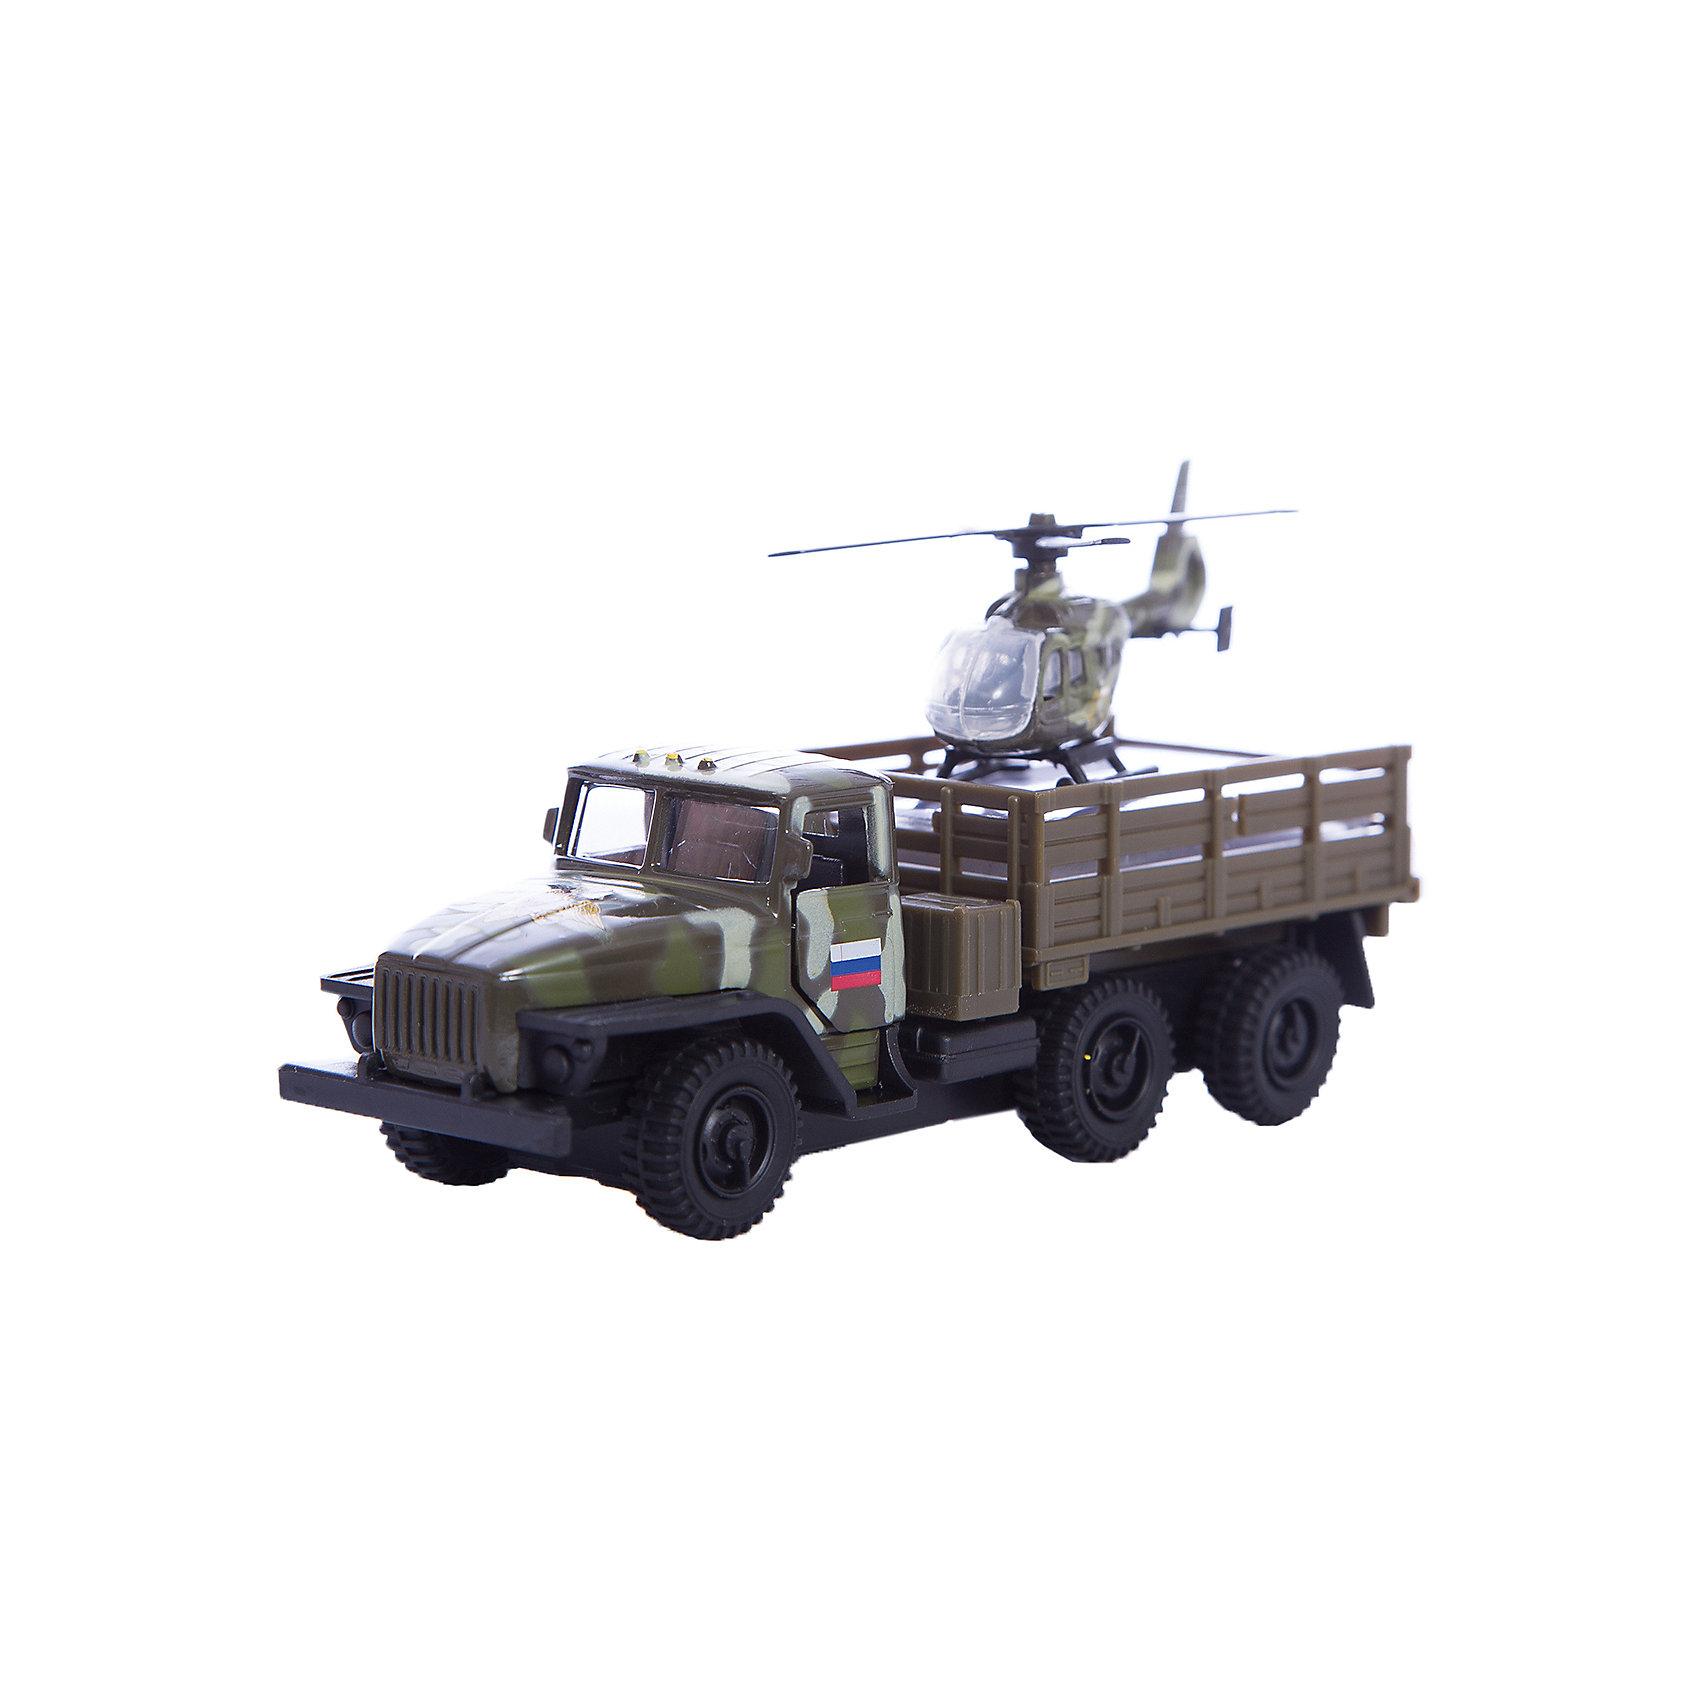 Машина Урал с вертолетом, ТехнопаркХарактеристика:<br><br>- Возраст: от 3 лет.<br>- В комплекте: машина, вертолет. <br>- Материал: металл, пластик.<br>- Размер упаковки: 17х15х6 см.<br><br>Прекрасный подарочный набор для мальчика!<br>Игрушка выглядит очень реалистично, а еще, у автомобиля открываются капот и двери кабины, причем под капотом можно увидеть детали двигателя.<br><br>Машина Урал с вертолетом, можно купить в нашем магазине.<br><br>Ширина мм: 50<br>Глубина мм: 150<br>Высота мм: 170<br>Вес г: 170<br>Возраст от месяцев: 36<br>Возраст до месяцев: 72<br>Пол: Мужской<br>Возраст: Детский<br>SKU: 5099089